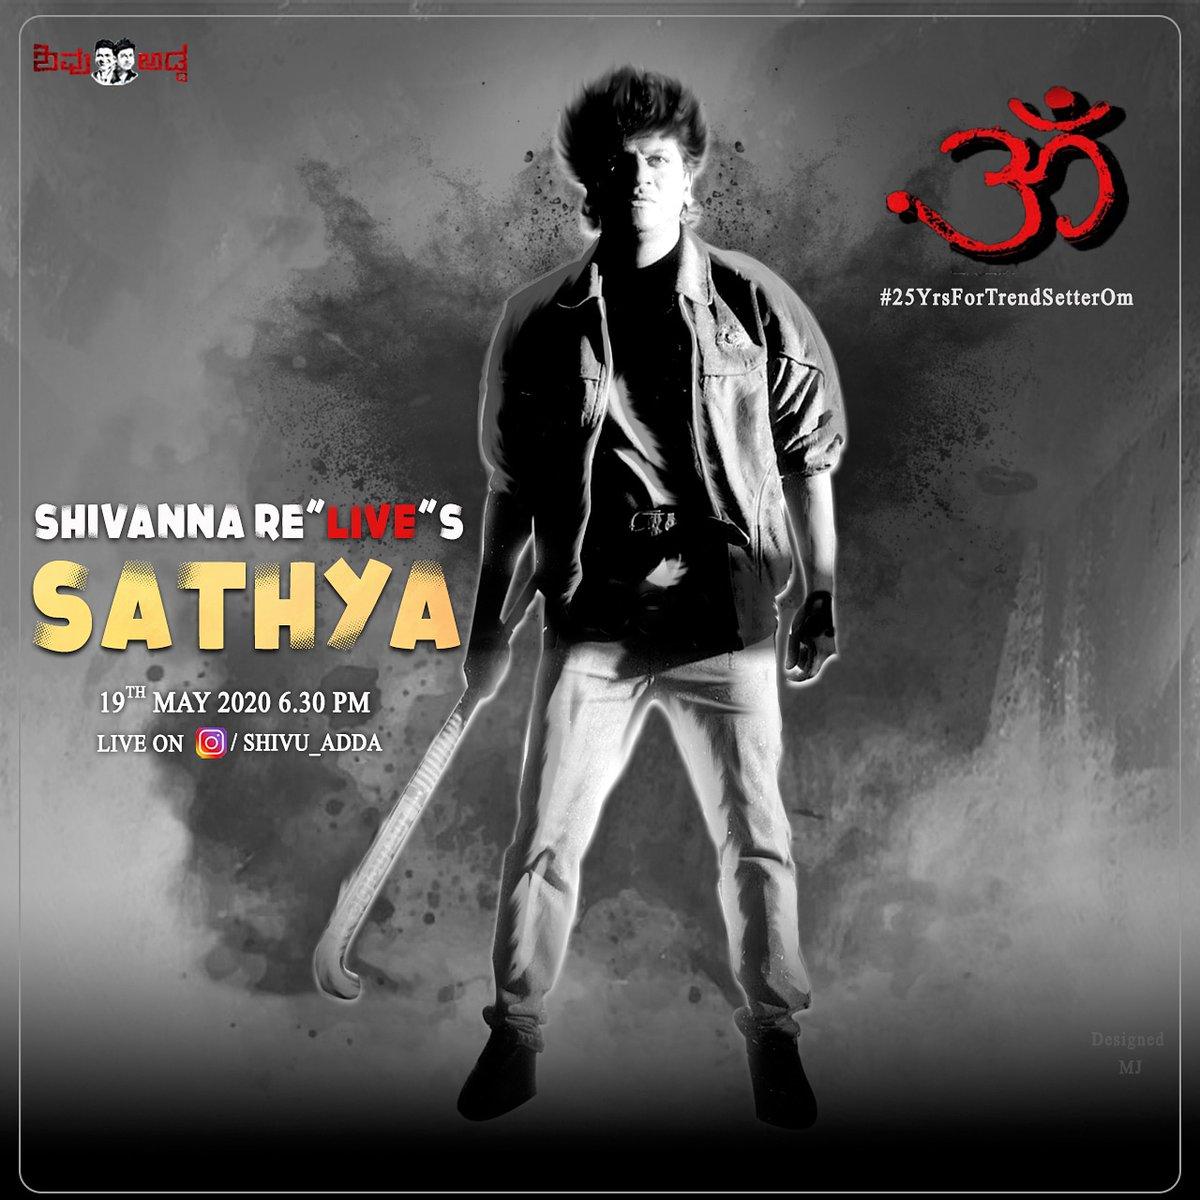 ಅಡ್ಡಾಗೆ ಶಿವಣ್ಣ ಎಂಟ್ರಿ  Boss🤩🔥  #Shivanna   #25YrsForTrendsrtterOm   #shivuaDDa